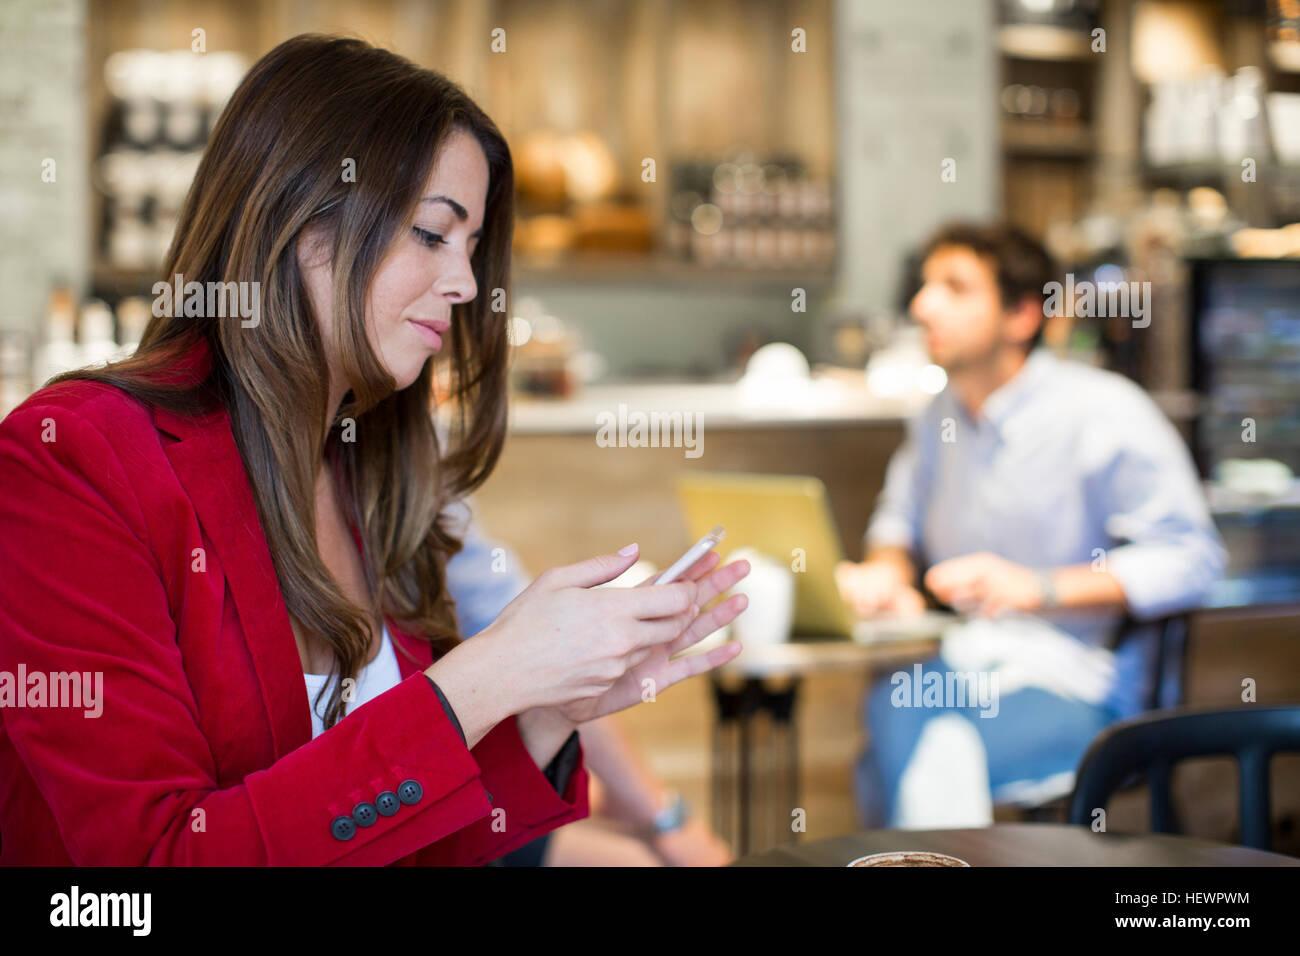 Jeune femme lisant des textes dans smartphone cafe Photo Stock